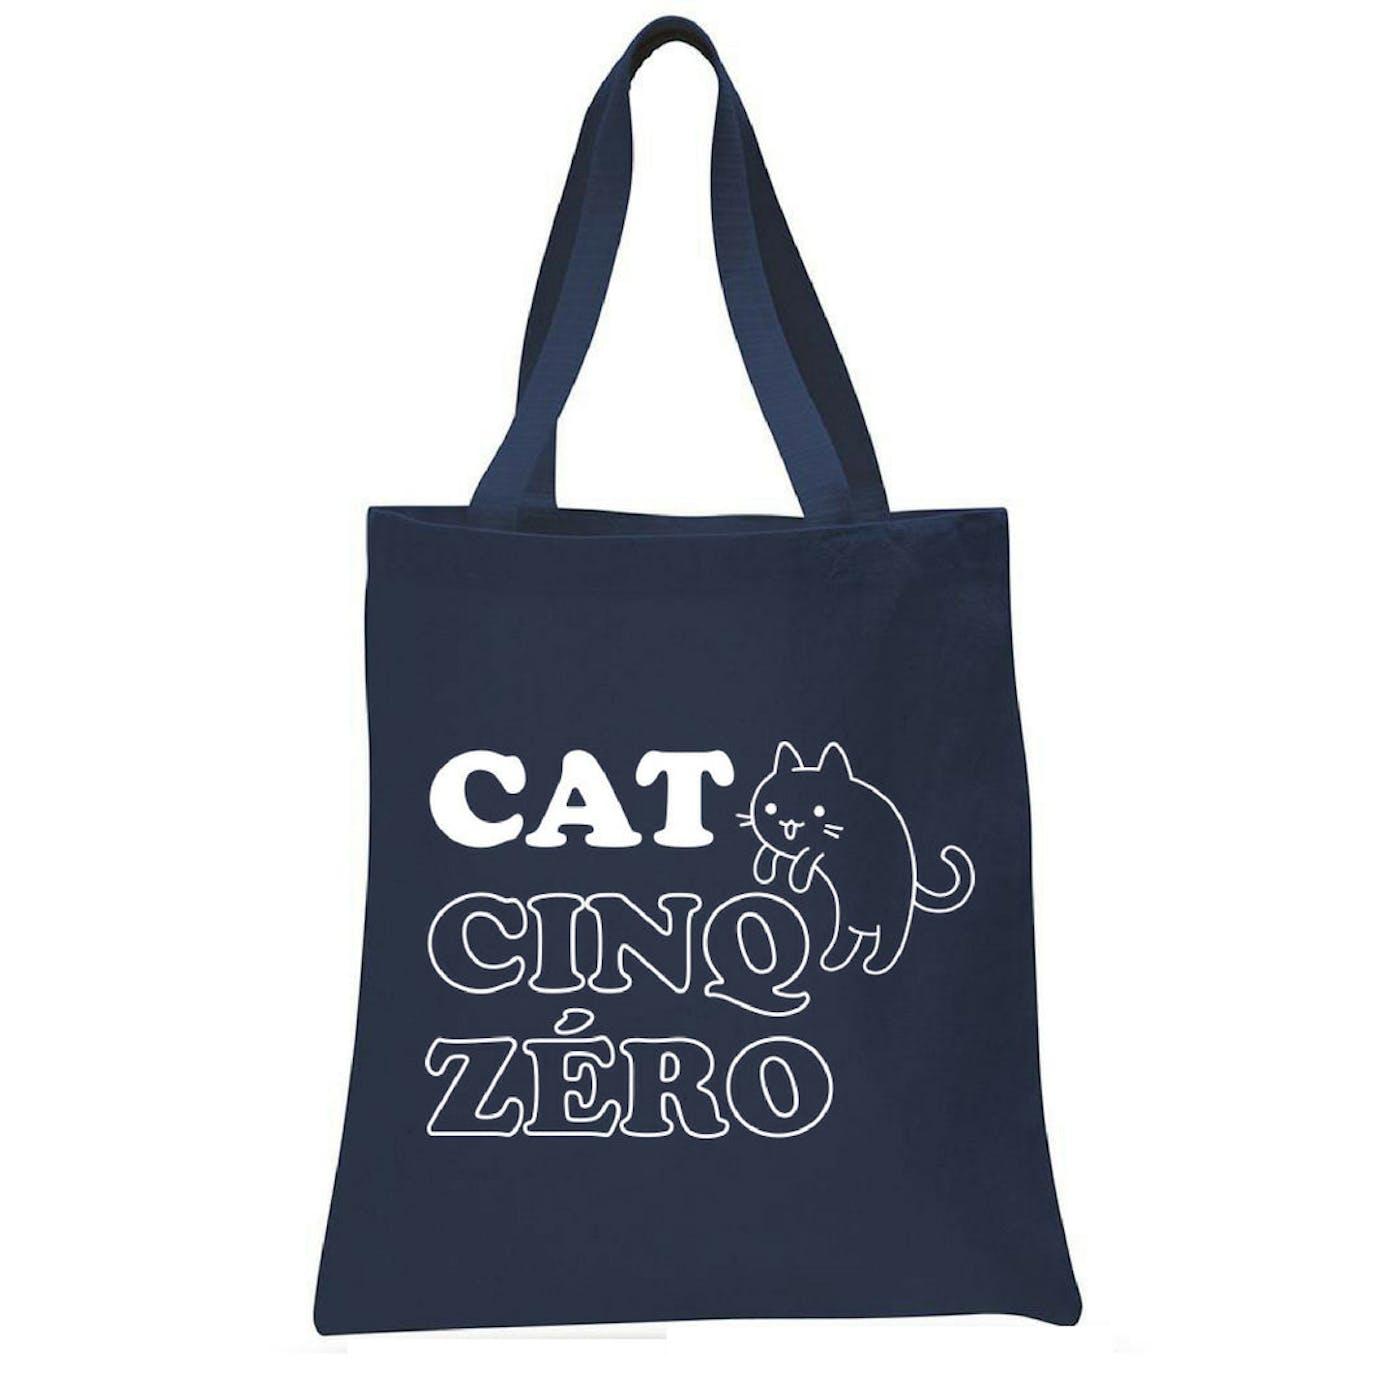 CAT-CINQ-ZERO Tote